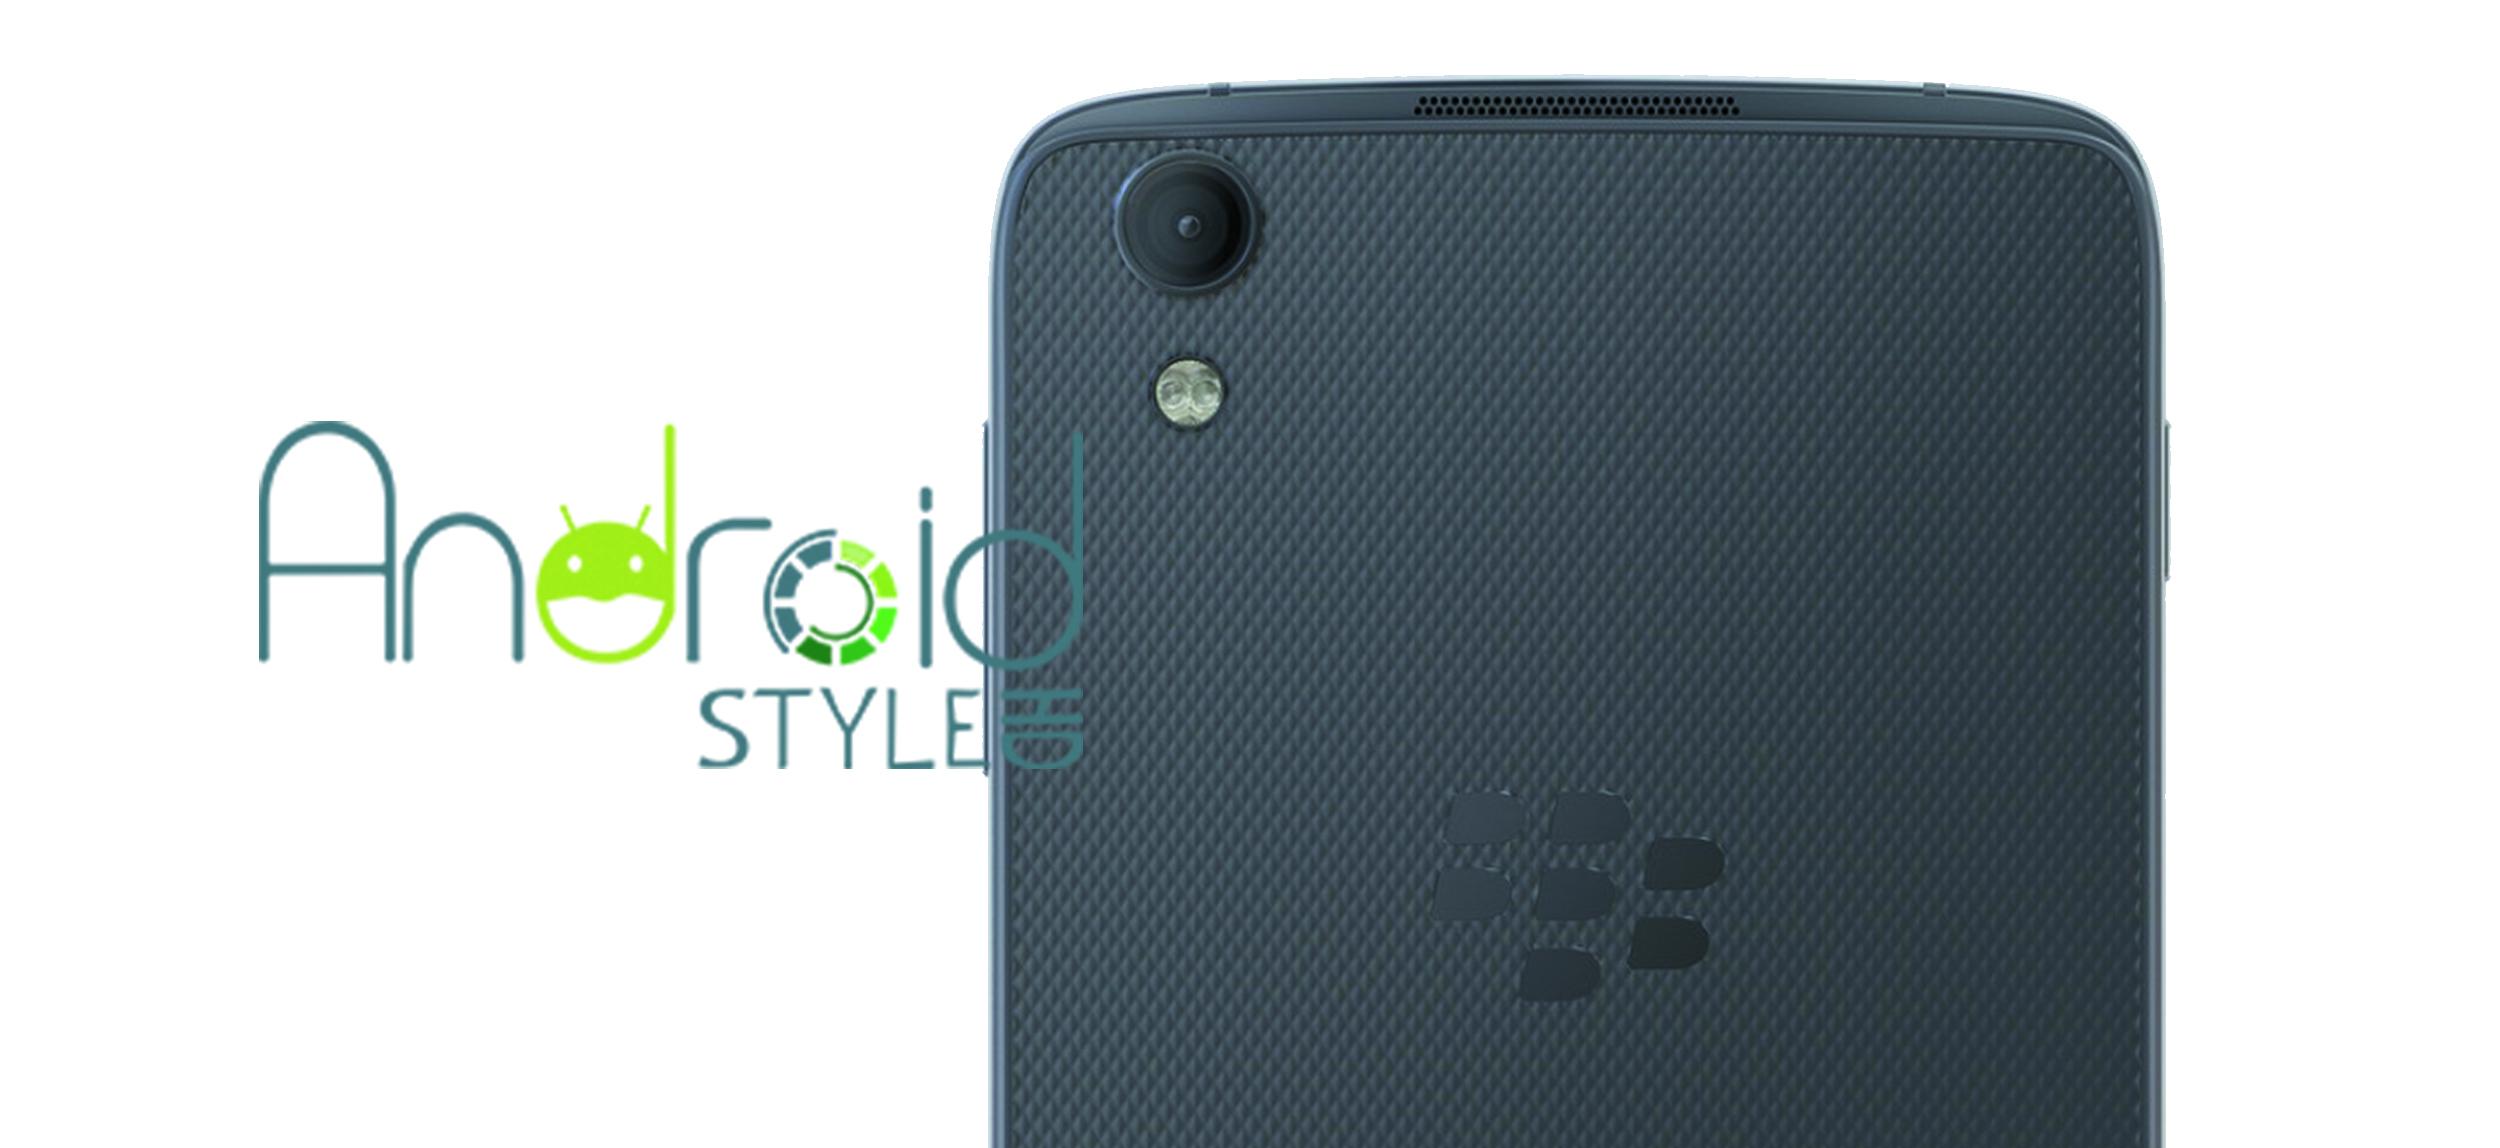 BlackBerry DTEK60: Dal sito ufficiale i dettagli del nuovo top di gamma!